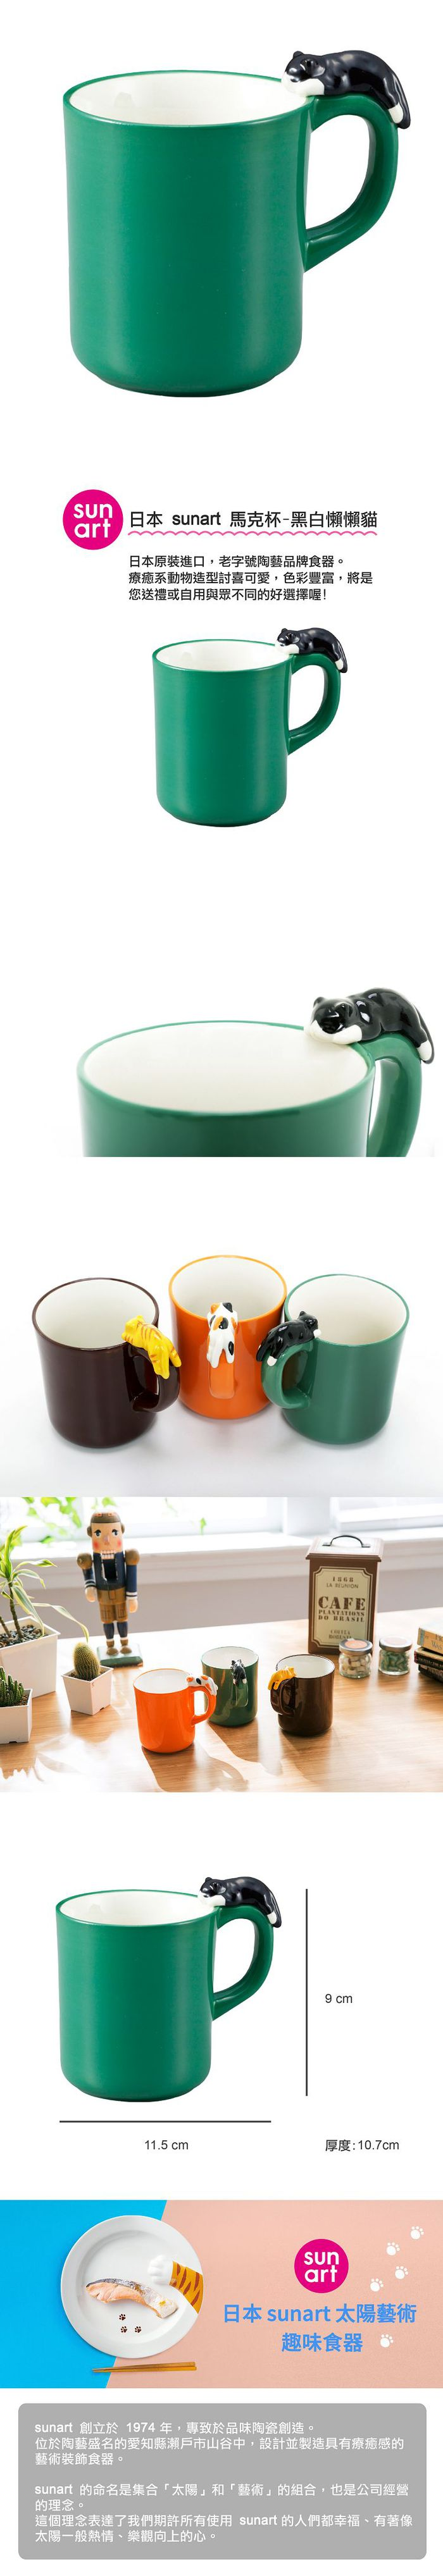 日本 sunart  | 馬克杯 - 虎斑懶懶貓